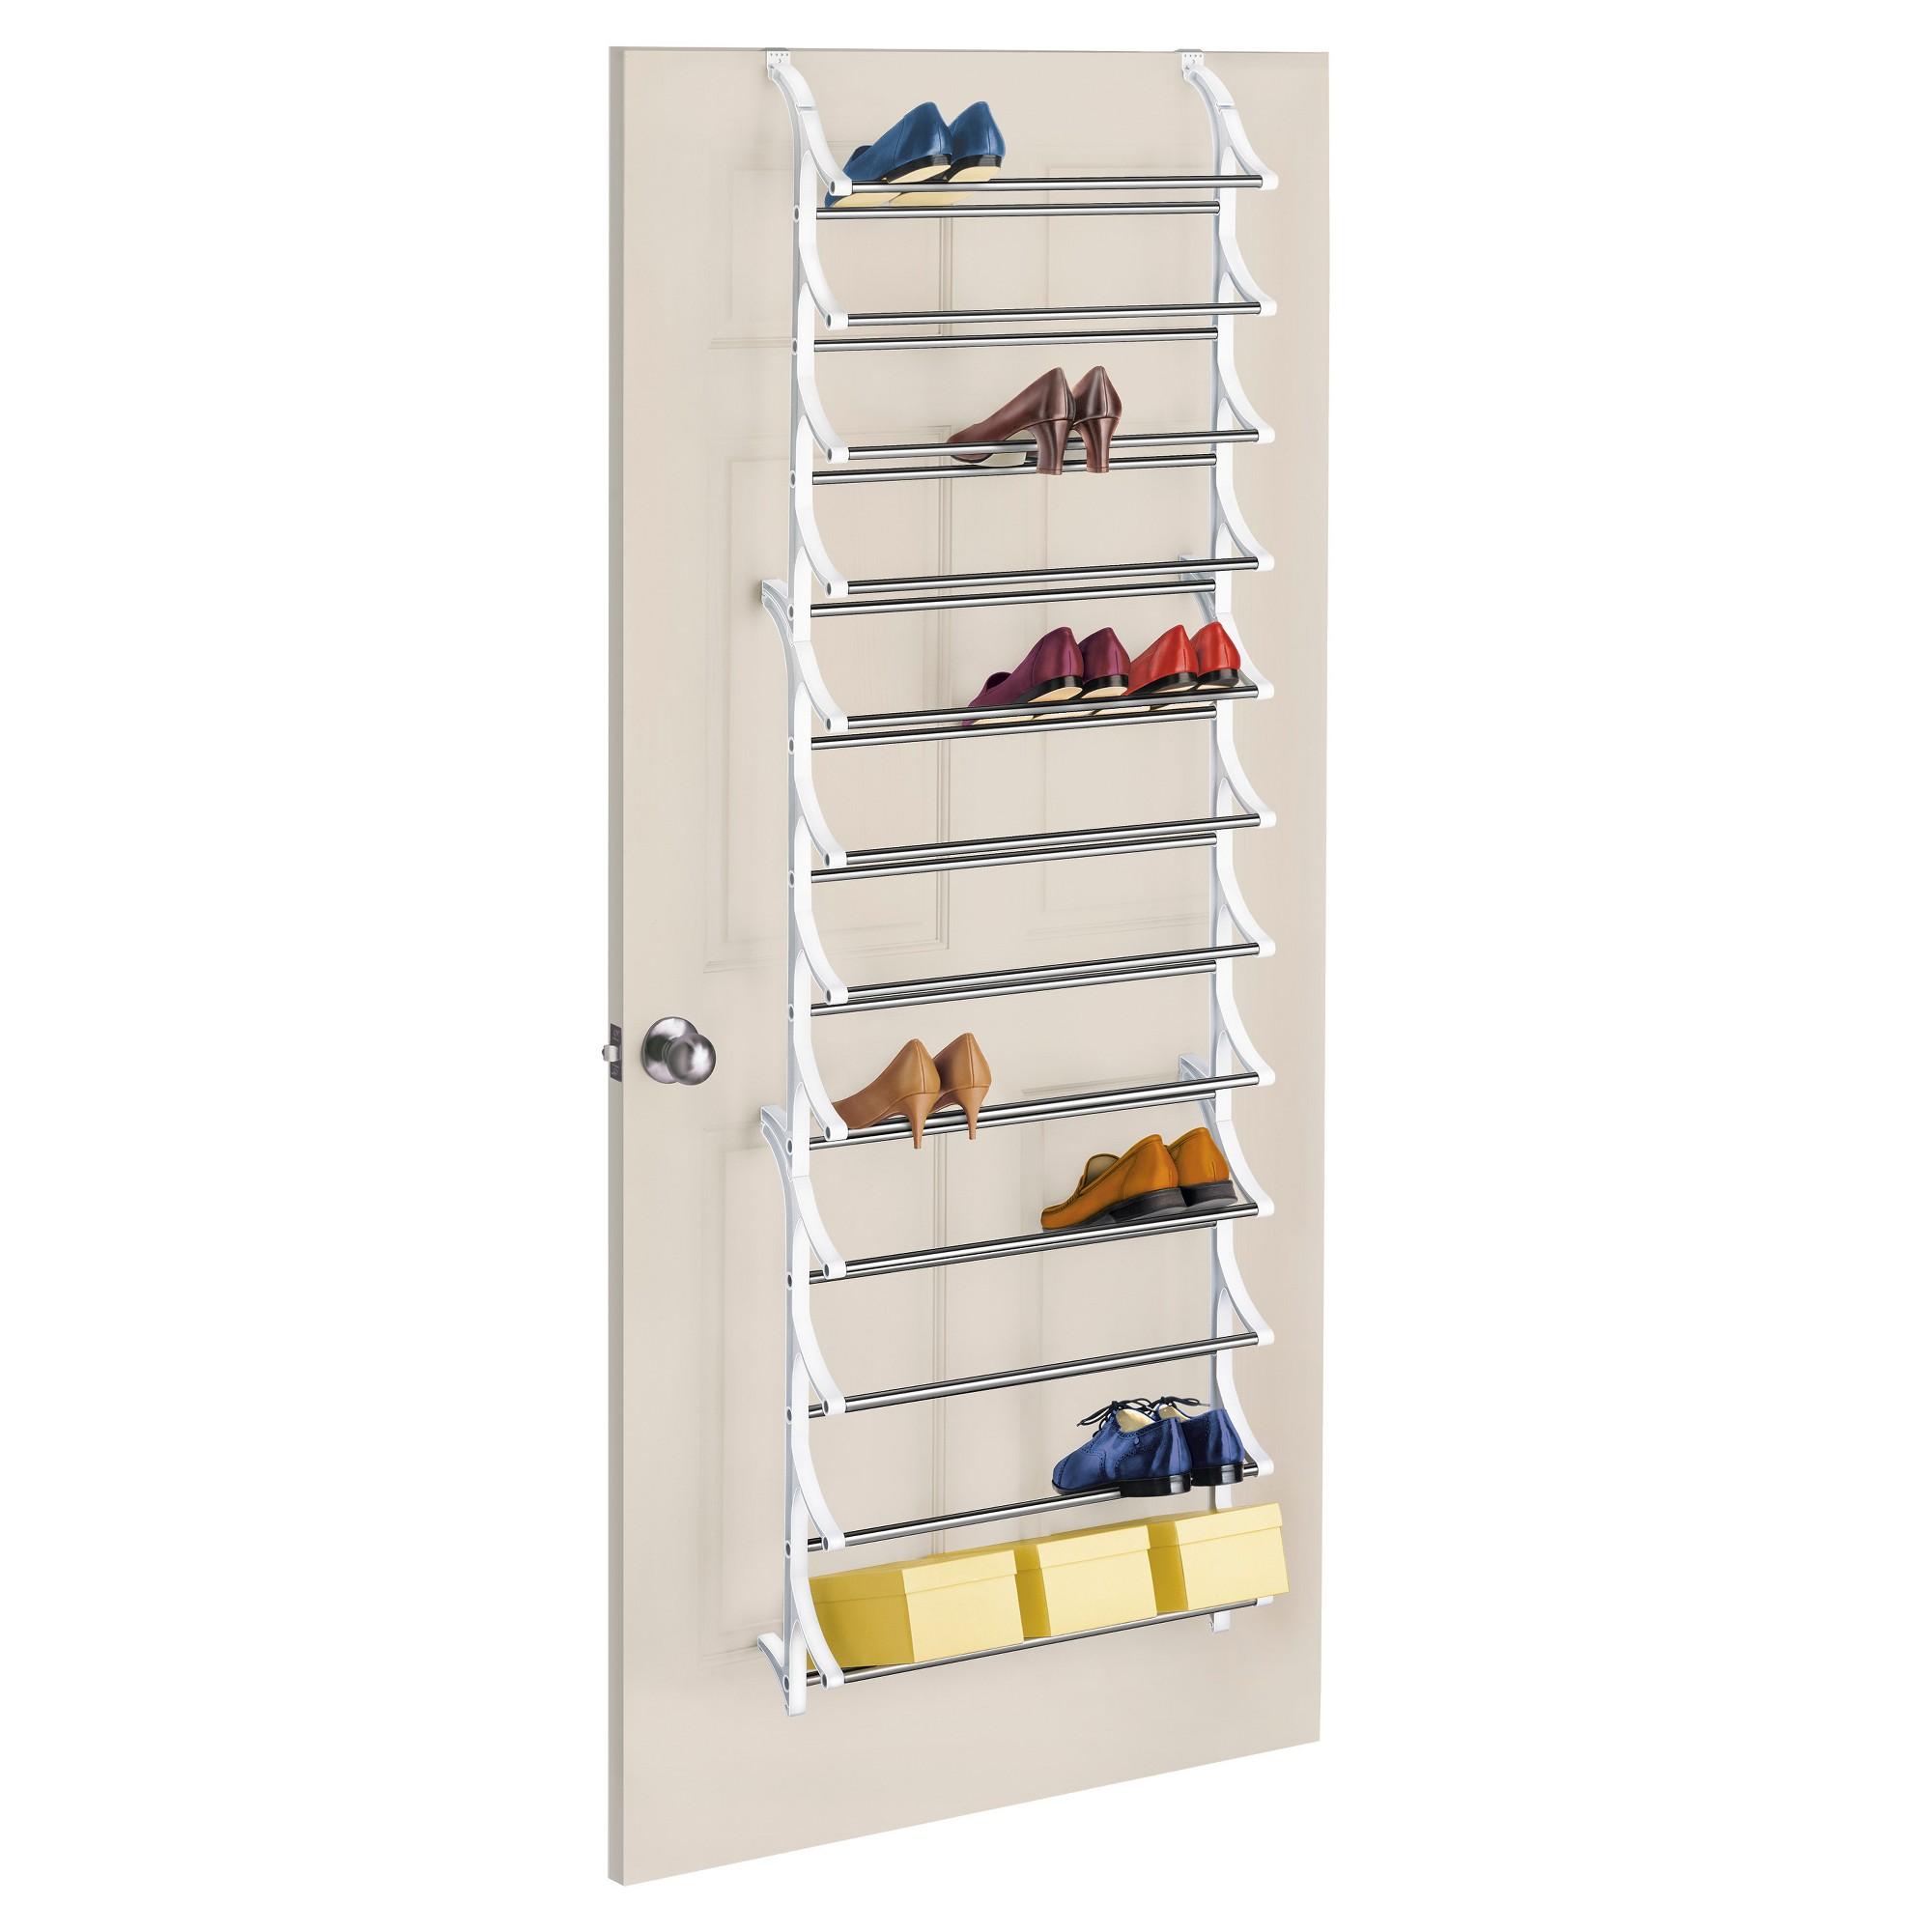 Lynk 36 Pair Over Door Shoe Rack White Over Door Shoe Rack Shoe Rack Organization Diy Shoe Rack